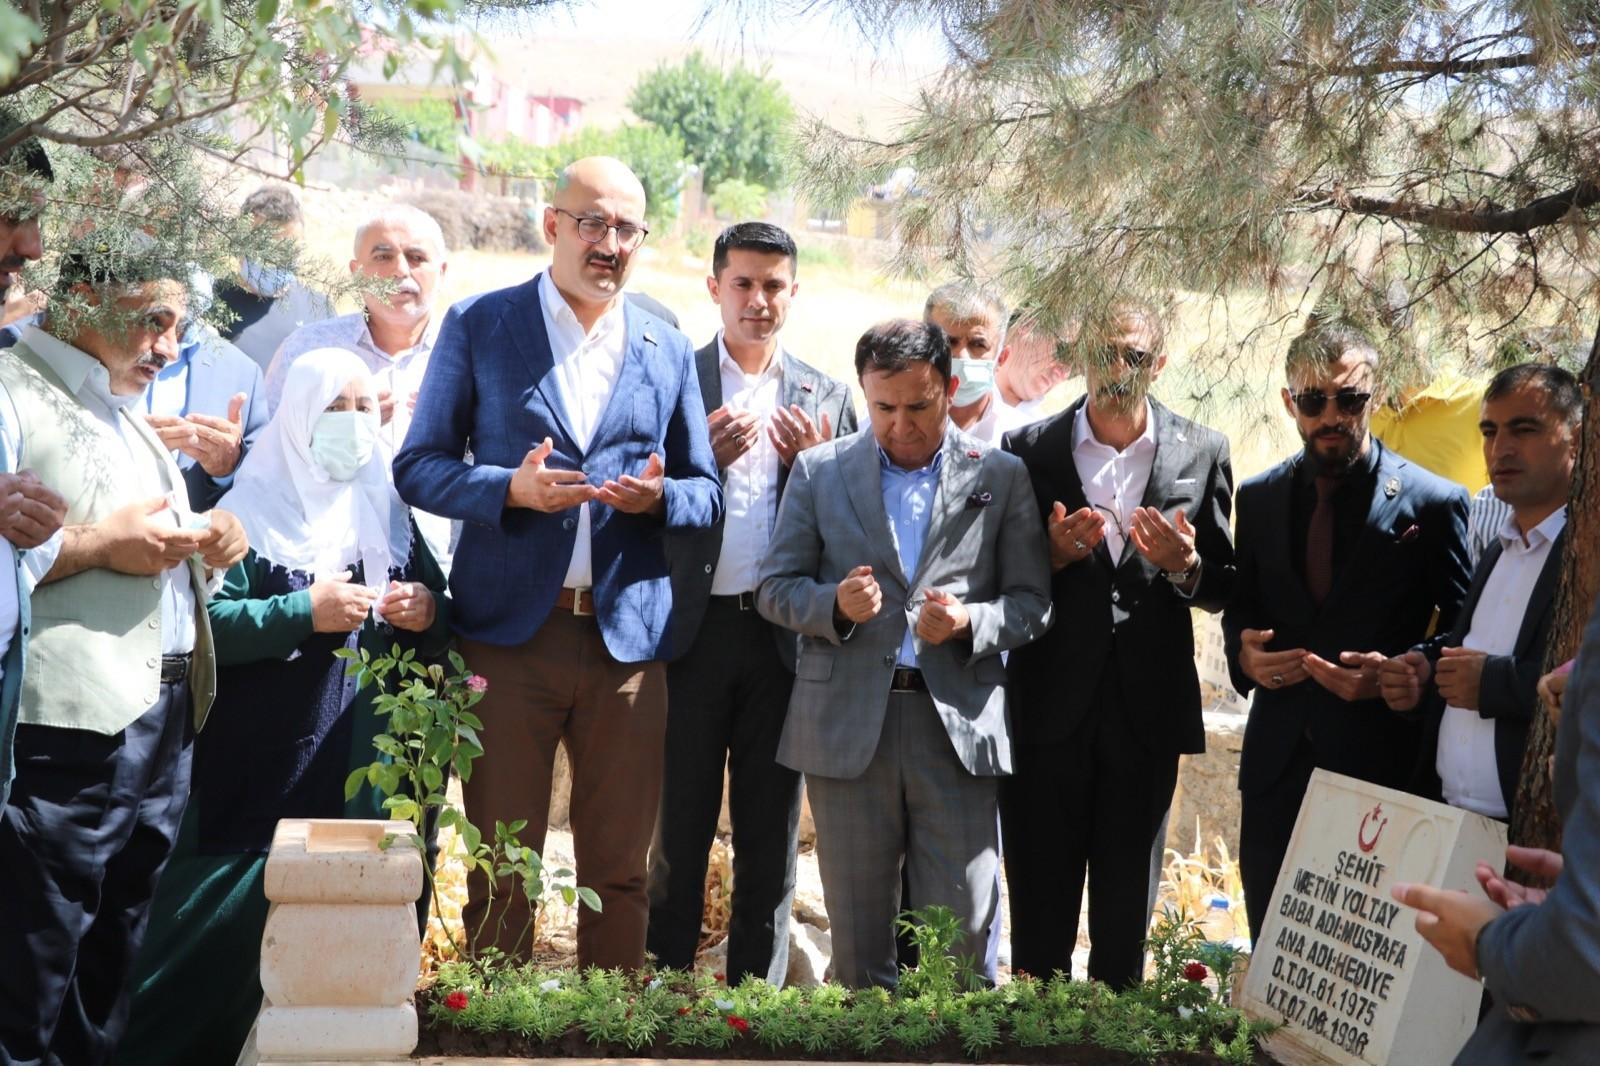 Siirt'te şehit mezarları yenilendi, Şehitler Anıtı Çeşmesi dualarla açıldı